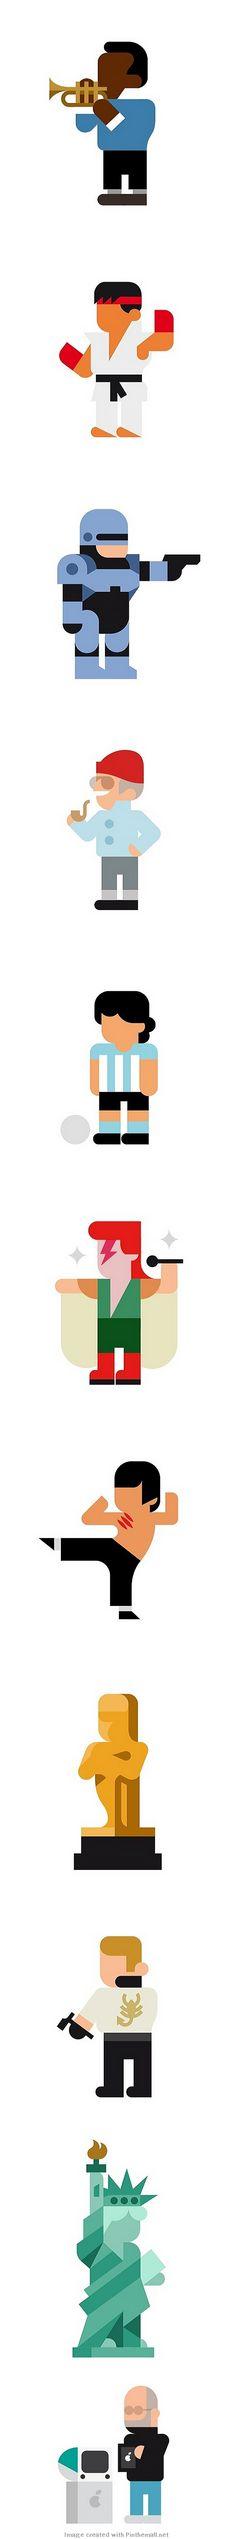 EveryHey: Illustrations by Hey Studio #Illustration